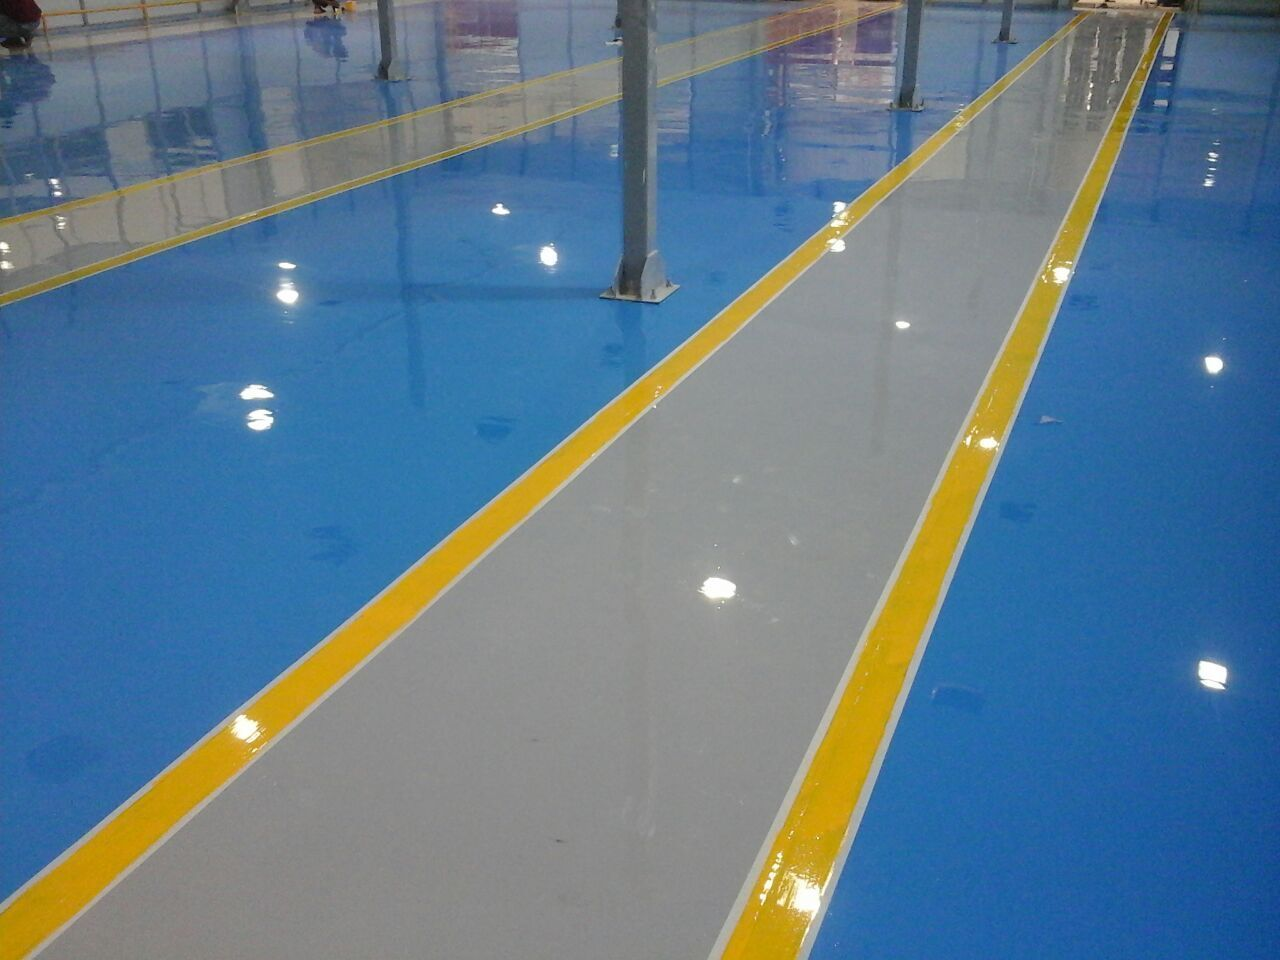 Fuhrender Auftragnehmer Fur Industrielle Epoxidboden Epoxidbeschichtungen Pu In 2020 With Images Epoxy Floor Floor Coating Epoxy Floor Coating